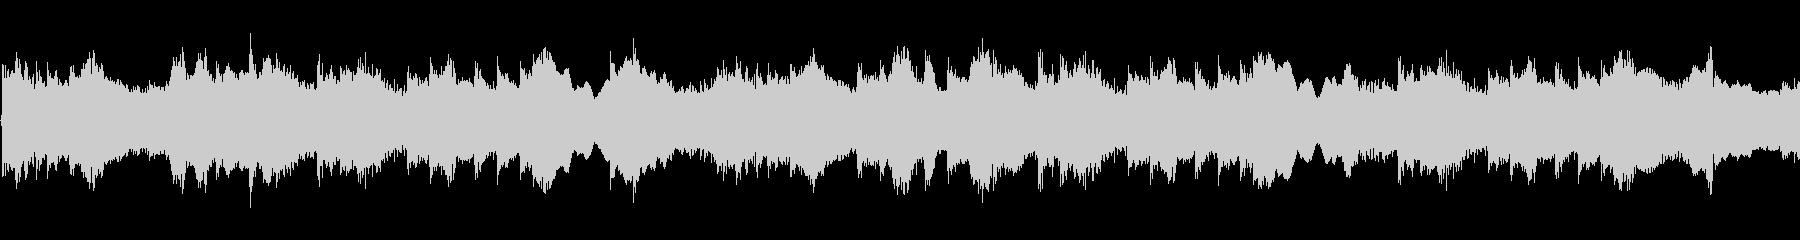 和風な旋律のゆったりとしたループBGMの未再生の波形